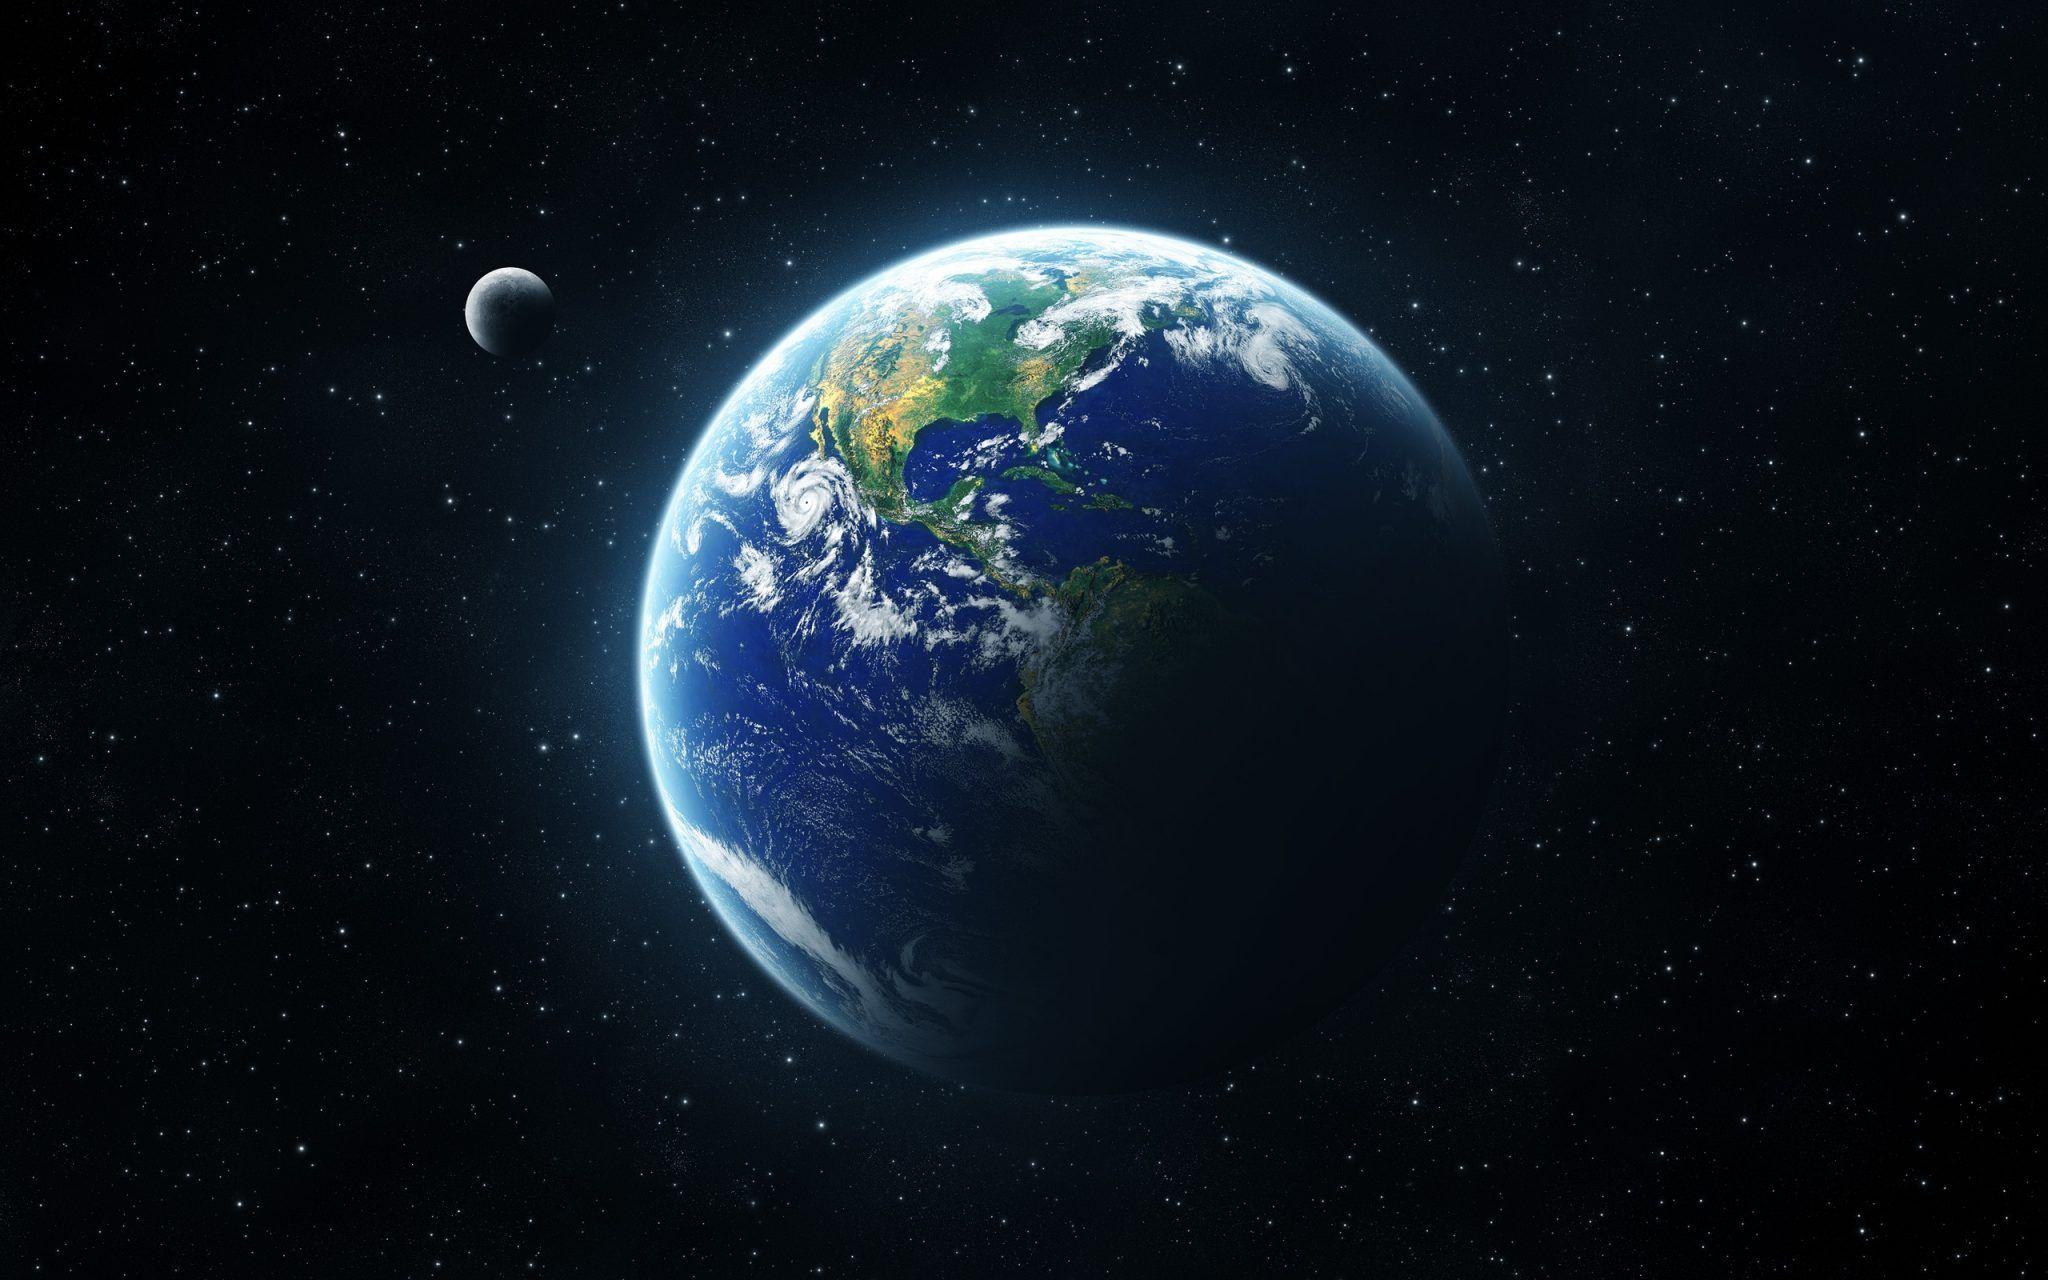 Ảnh cực đẹp của Trái Đất